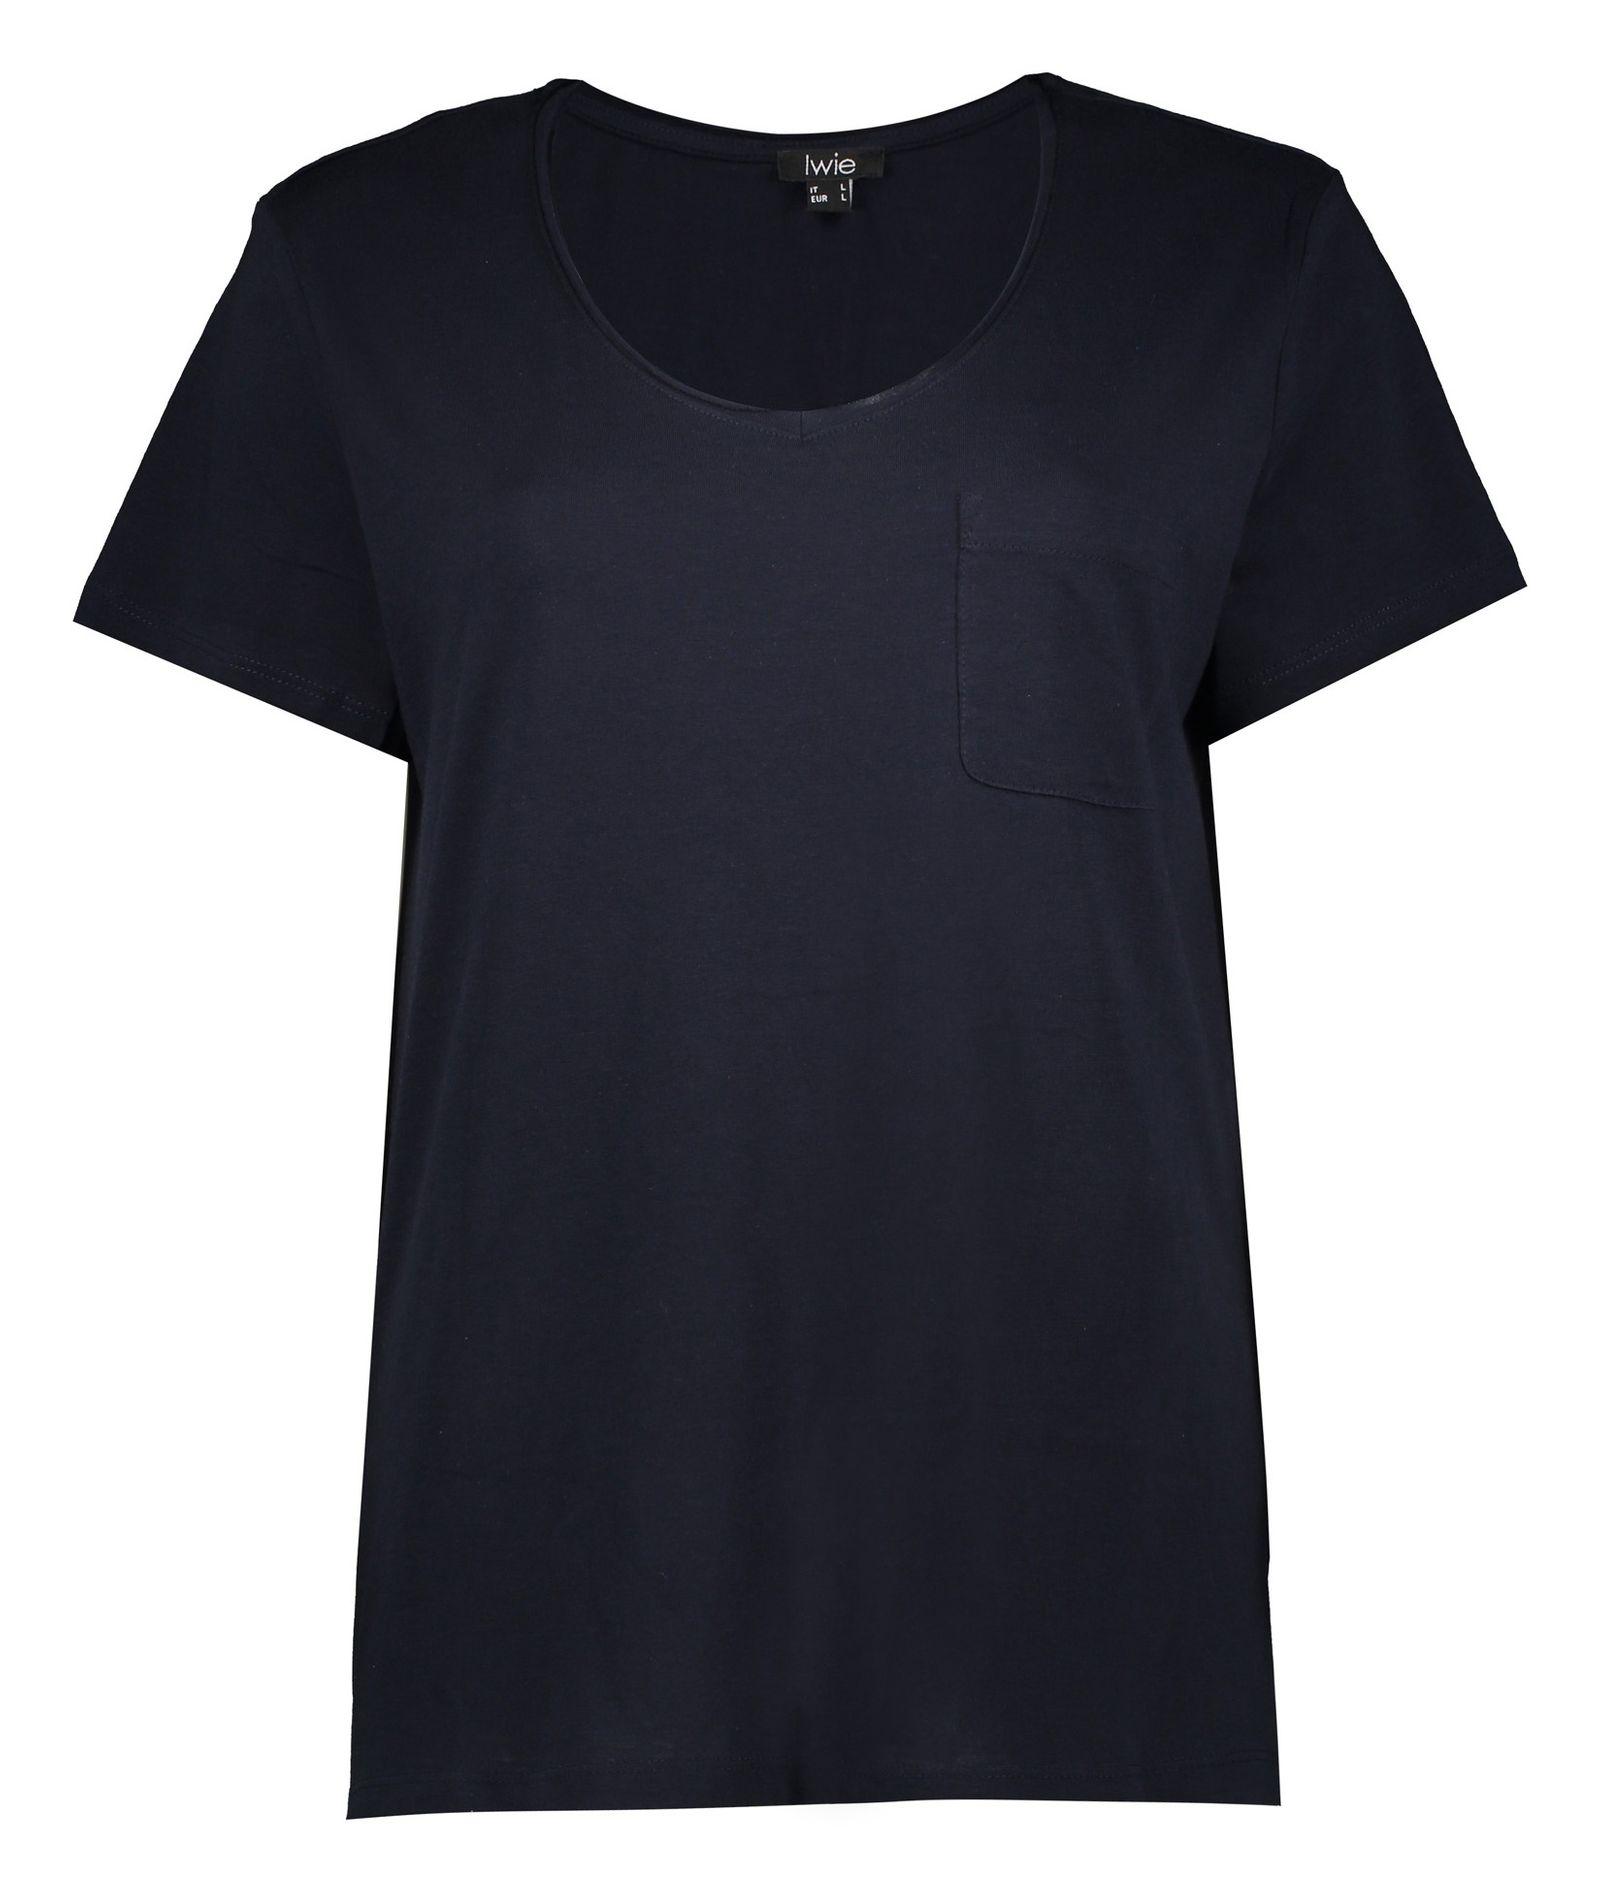 تی شرت زنانه یوپیم مدل 5137755 -  - 1